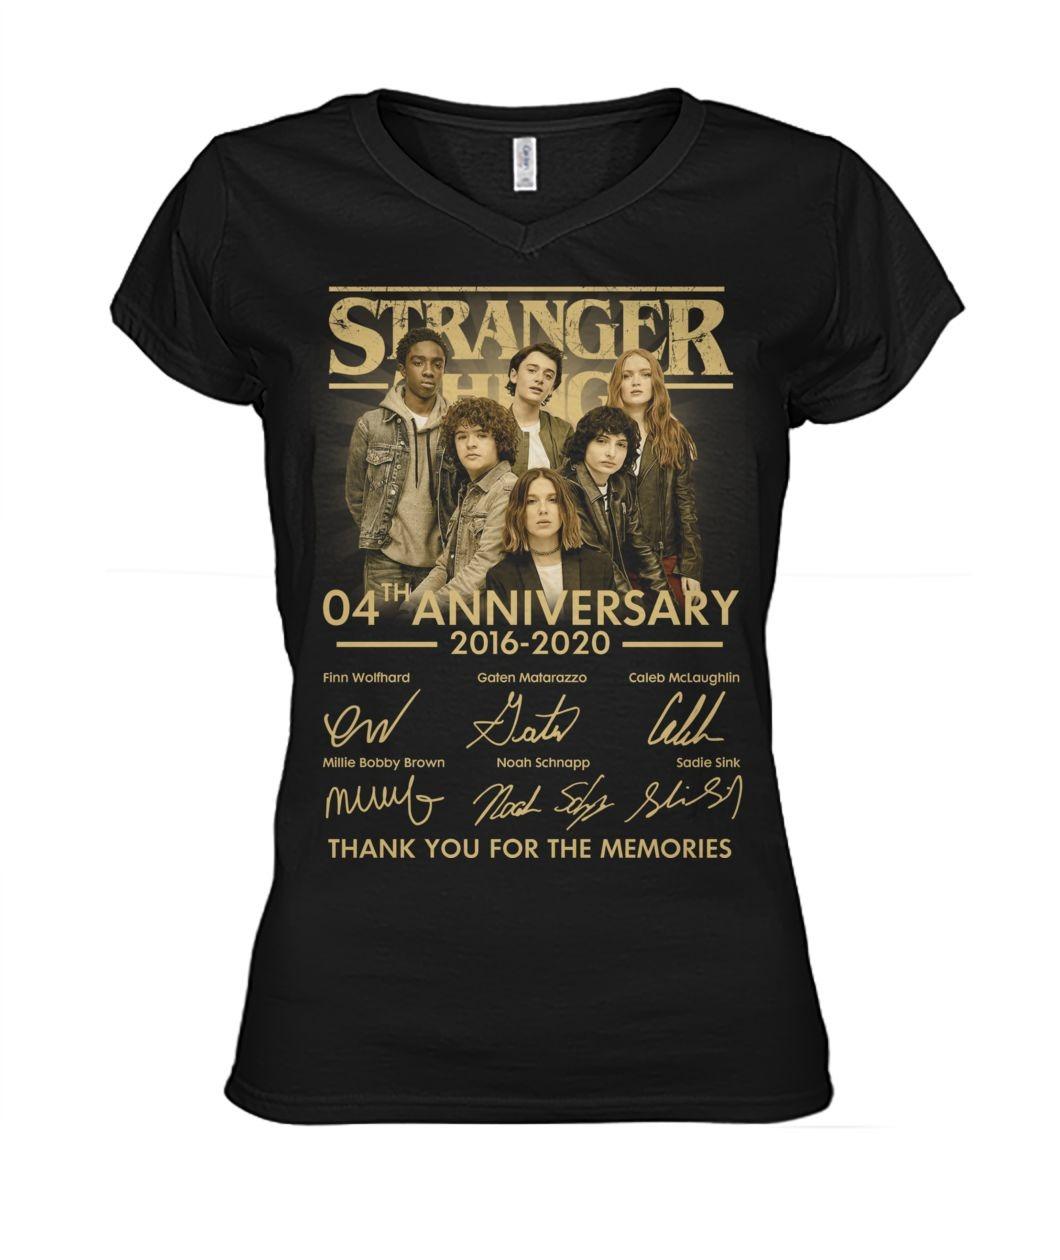 Stranger Things 04th Anniversary V-neck